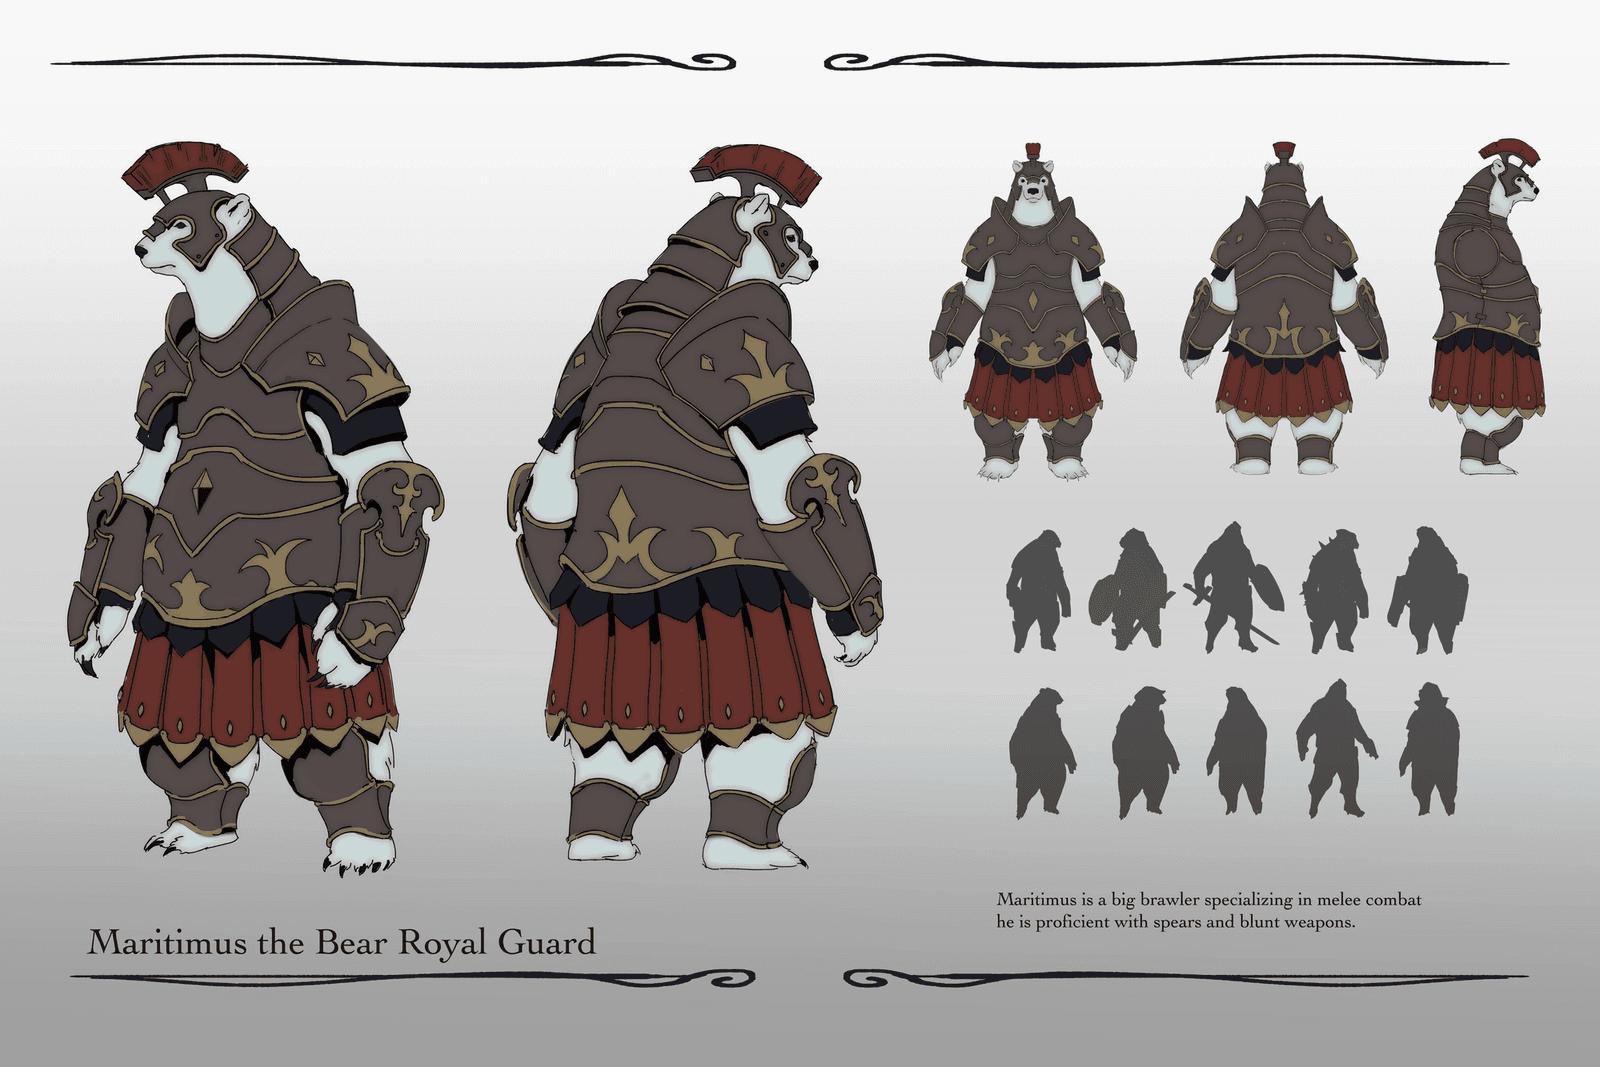 Maritimus the Bear Royal Guard